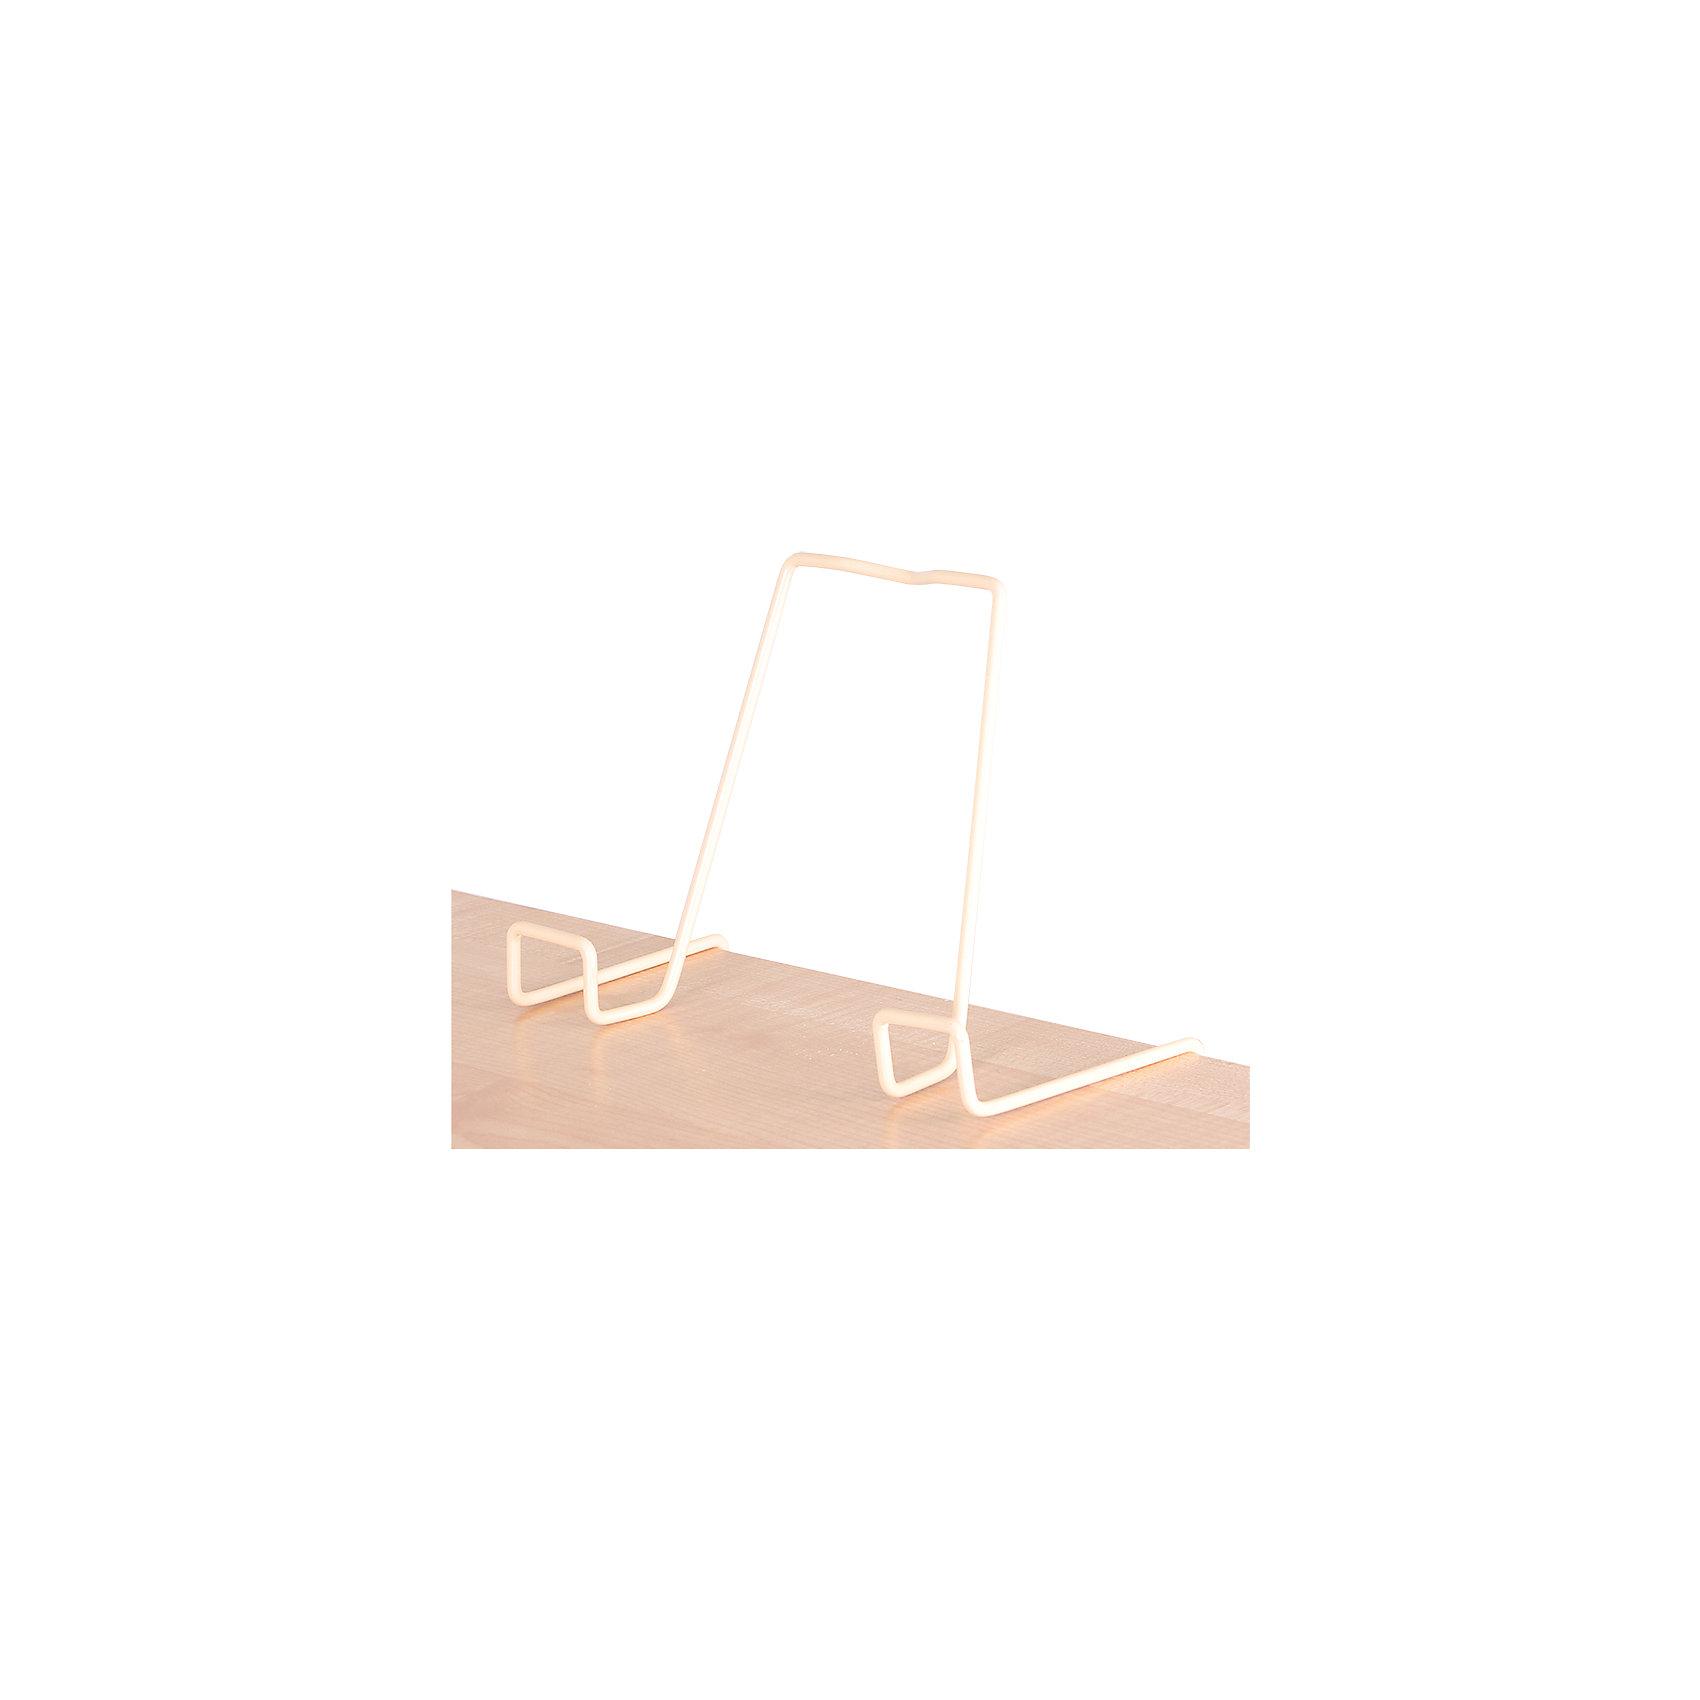 Подставка для книг металлическая ПДК.02, Дэми, бежевый